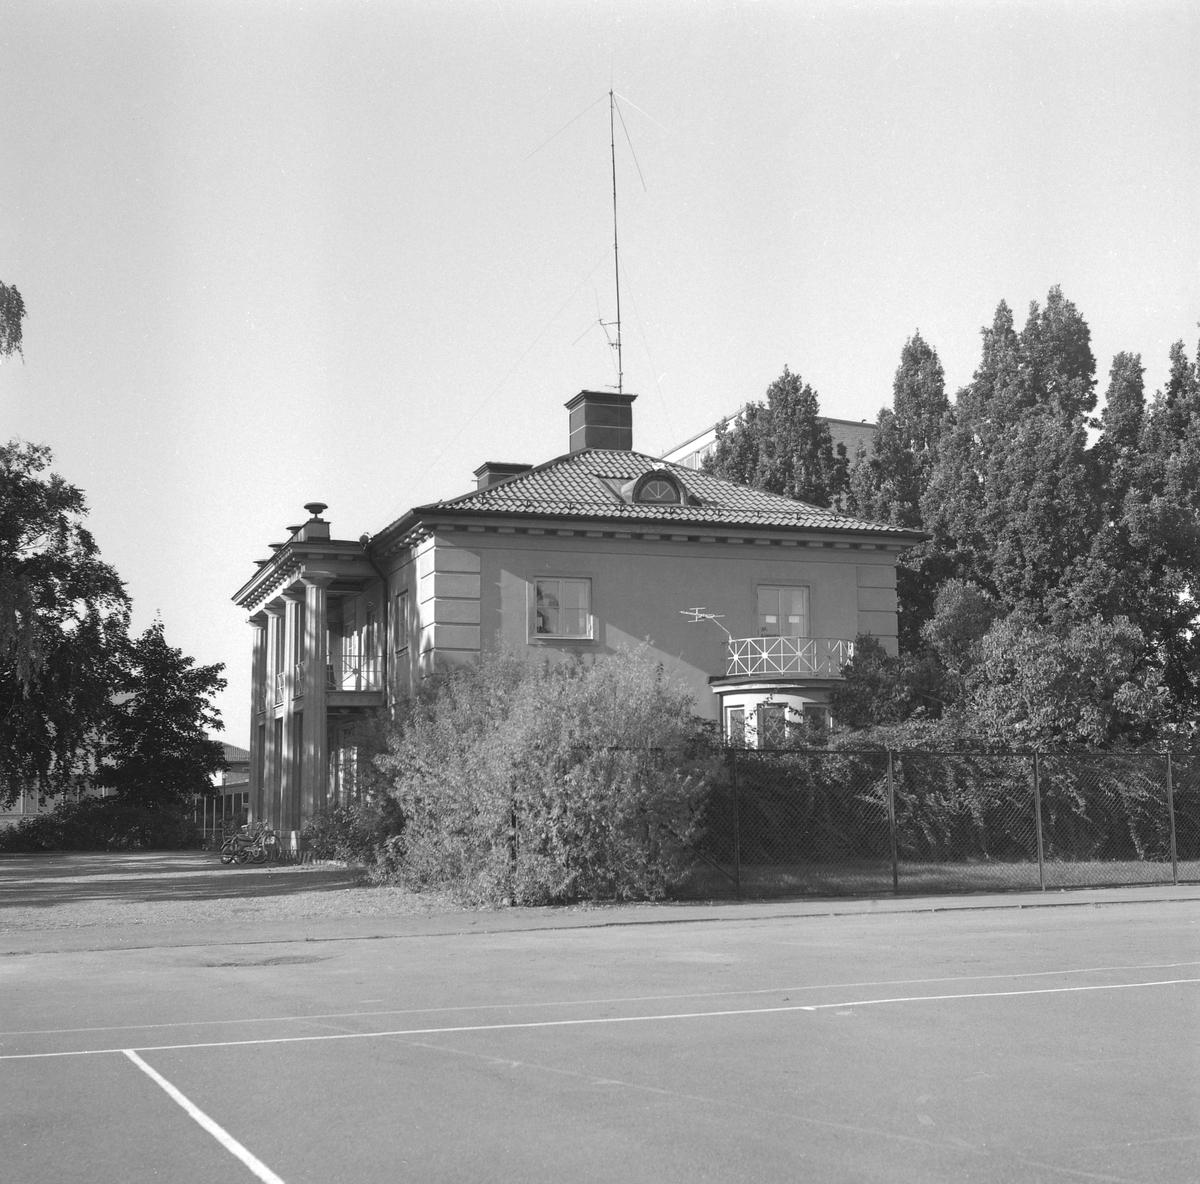 Risbrinksgården i Linköping 1977. Den pampiga fastigheten uppfördes 1923-24 som bostad åt direktör Axel Filip Janzon, som vid tiden drev Risbrinkens handelsträdgård.